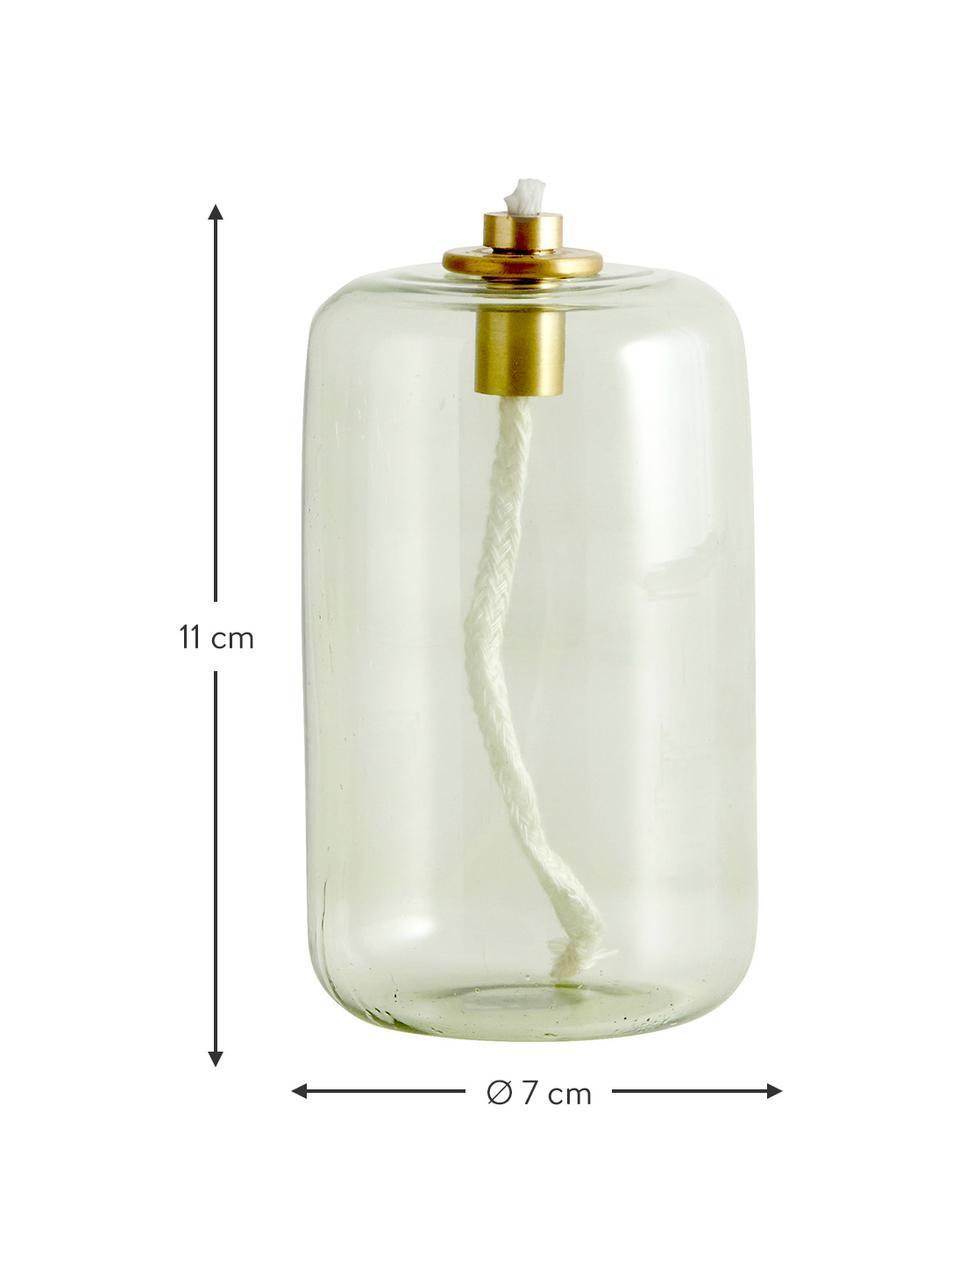 Öllampe Nias, Glas, Grün, Ø 7 x H 11 cm